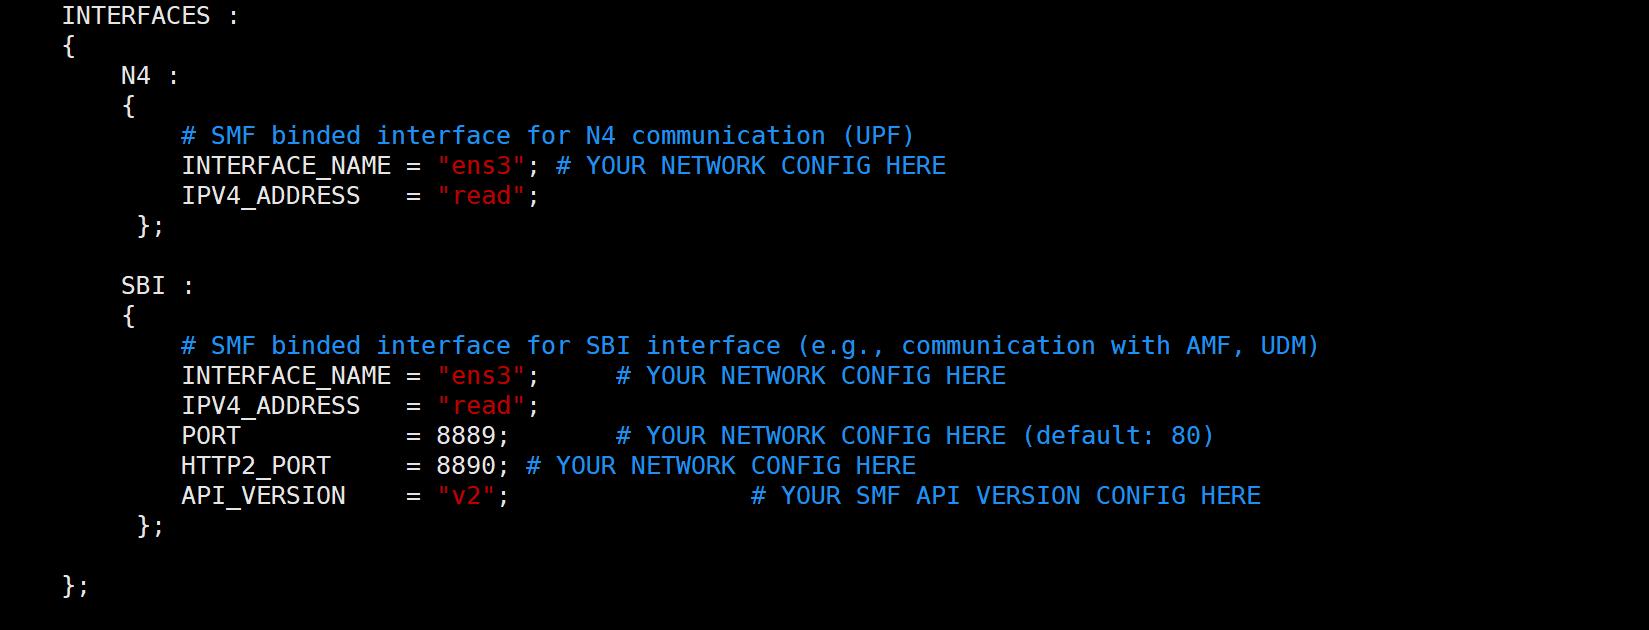 docs/images/virtual-machine/cots-ue/bupt/smf_inteface.png